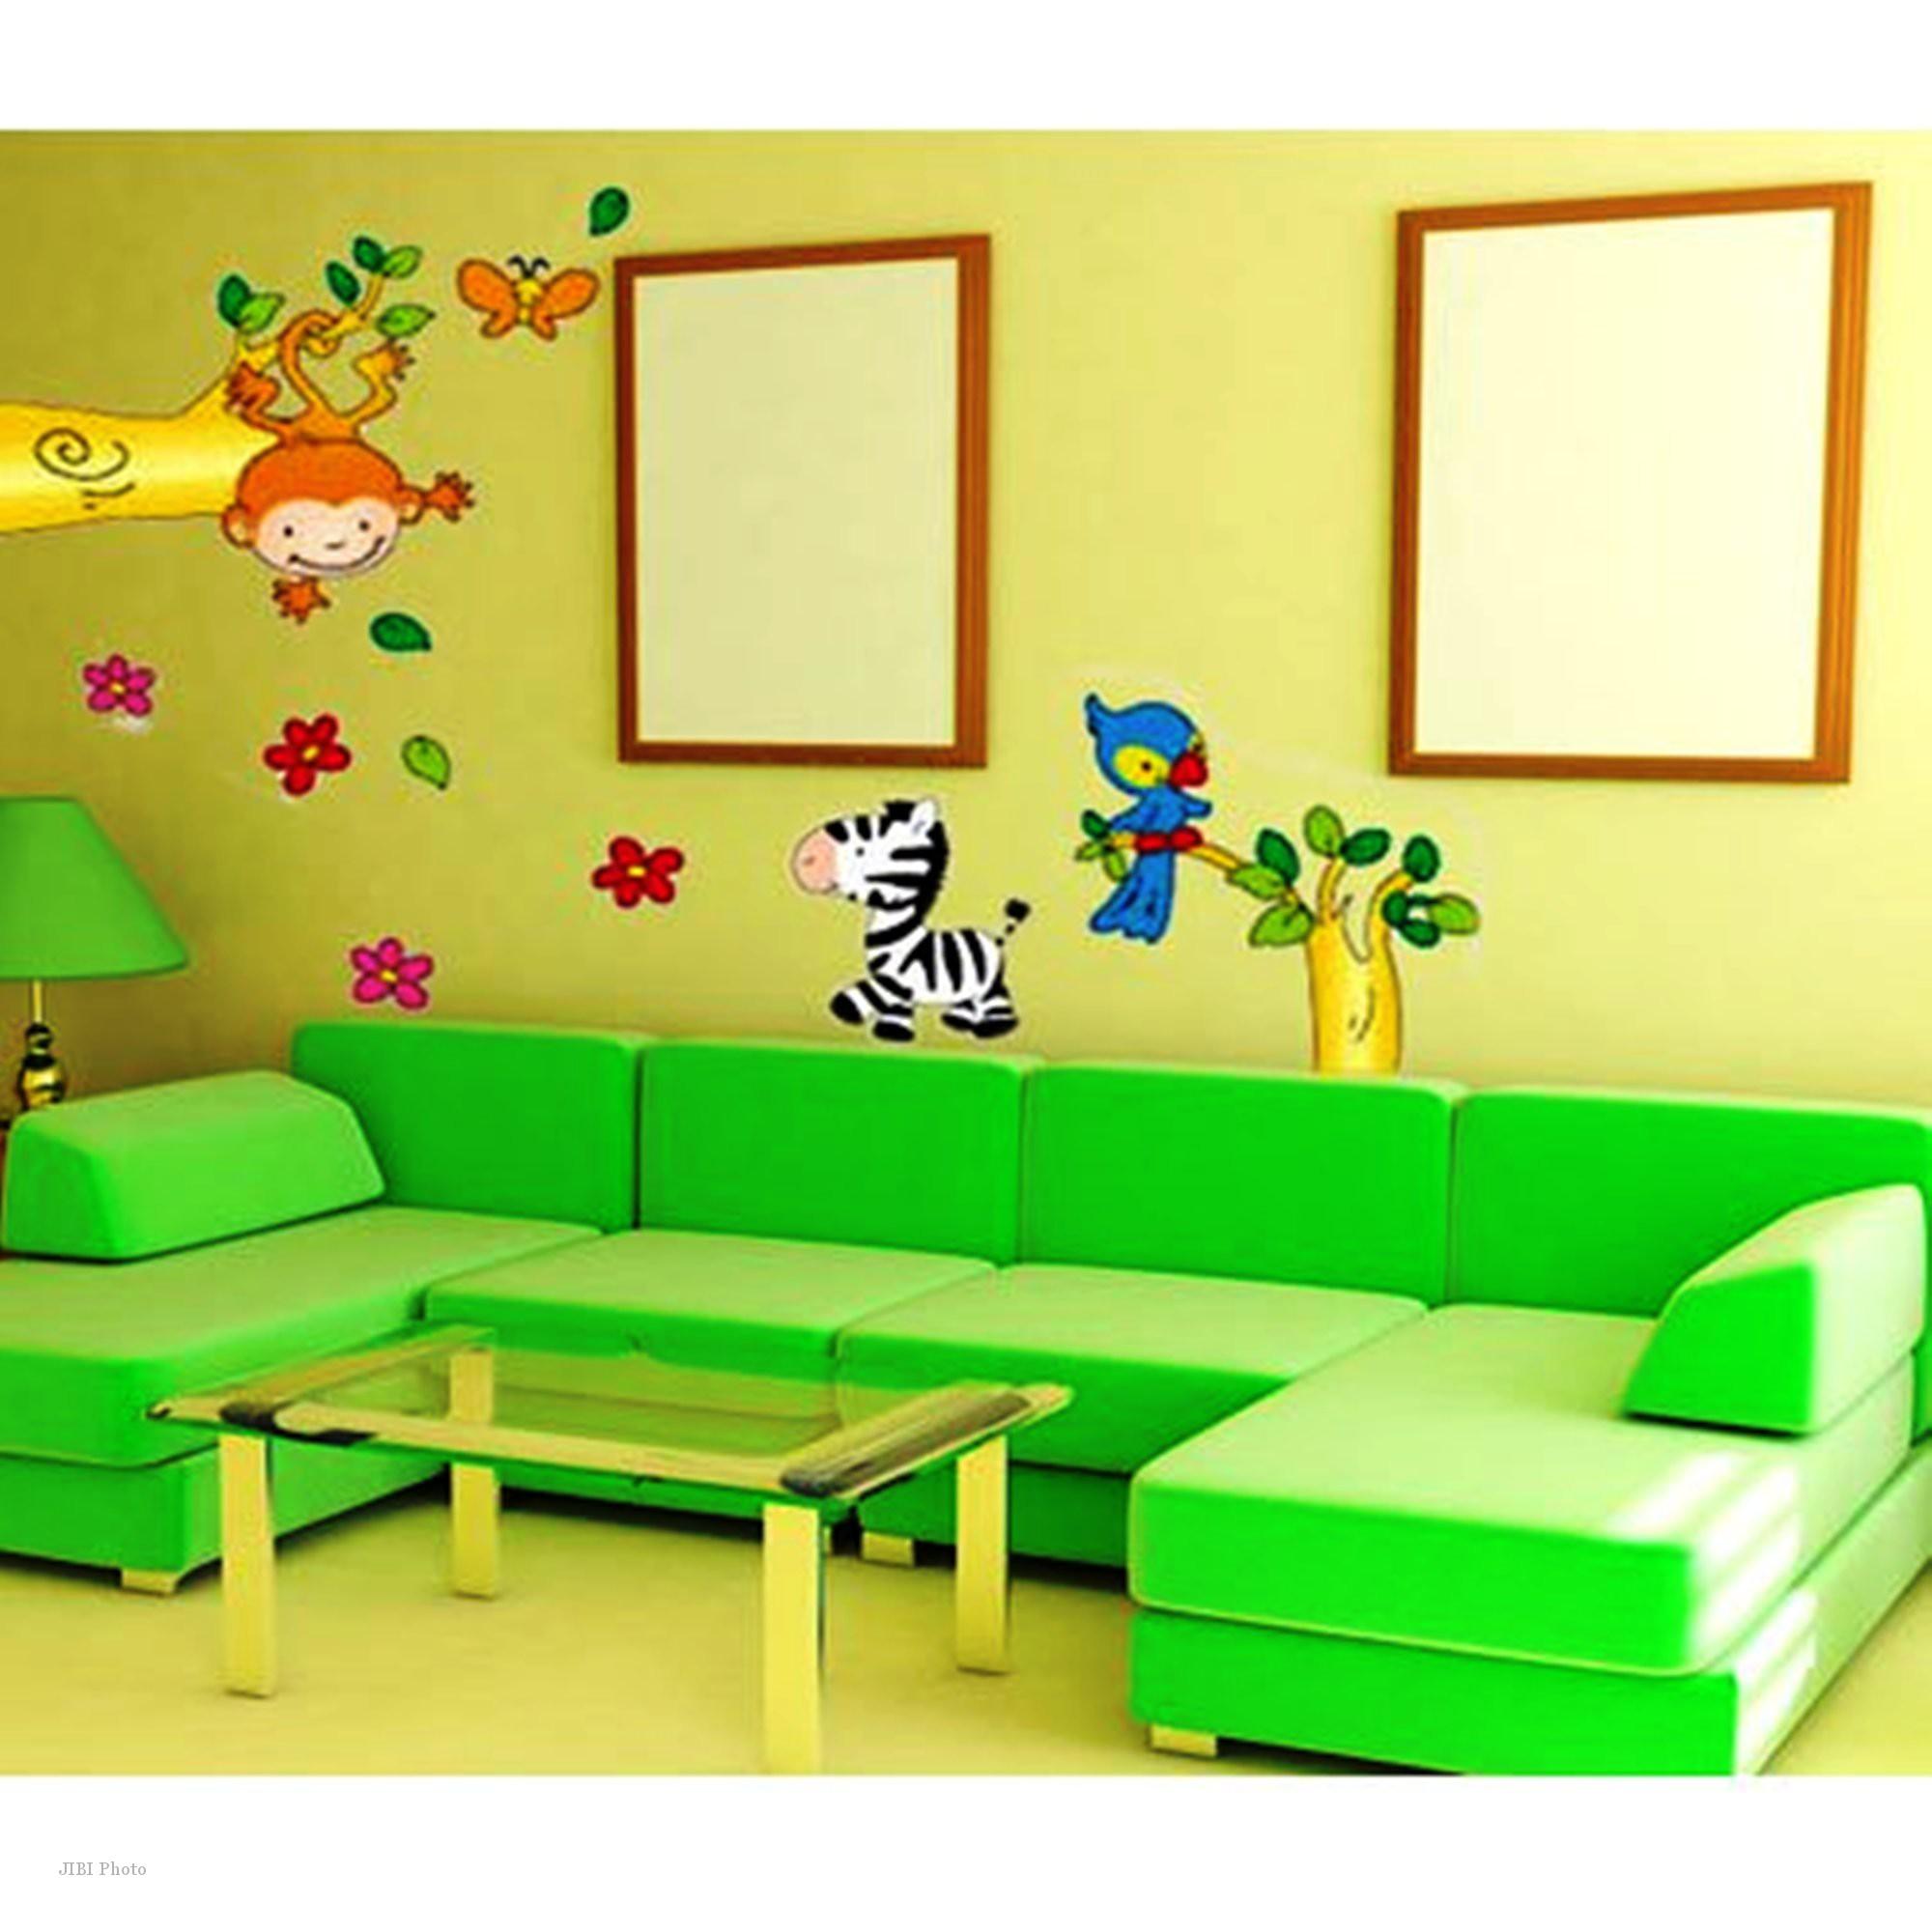 218 Contoh Wallpaper Dinding Ruang Tamu Gambar Rumah Idaman